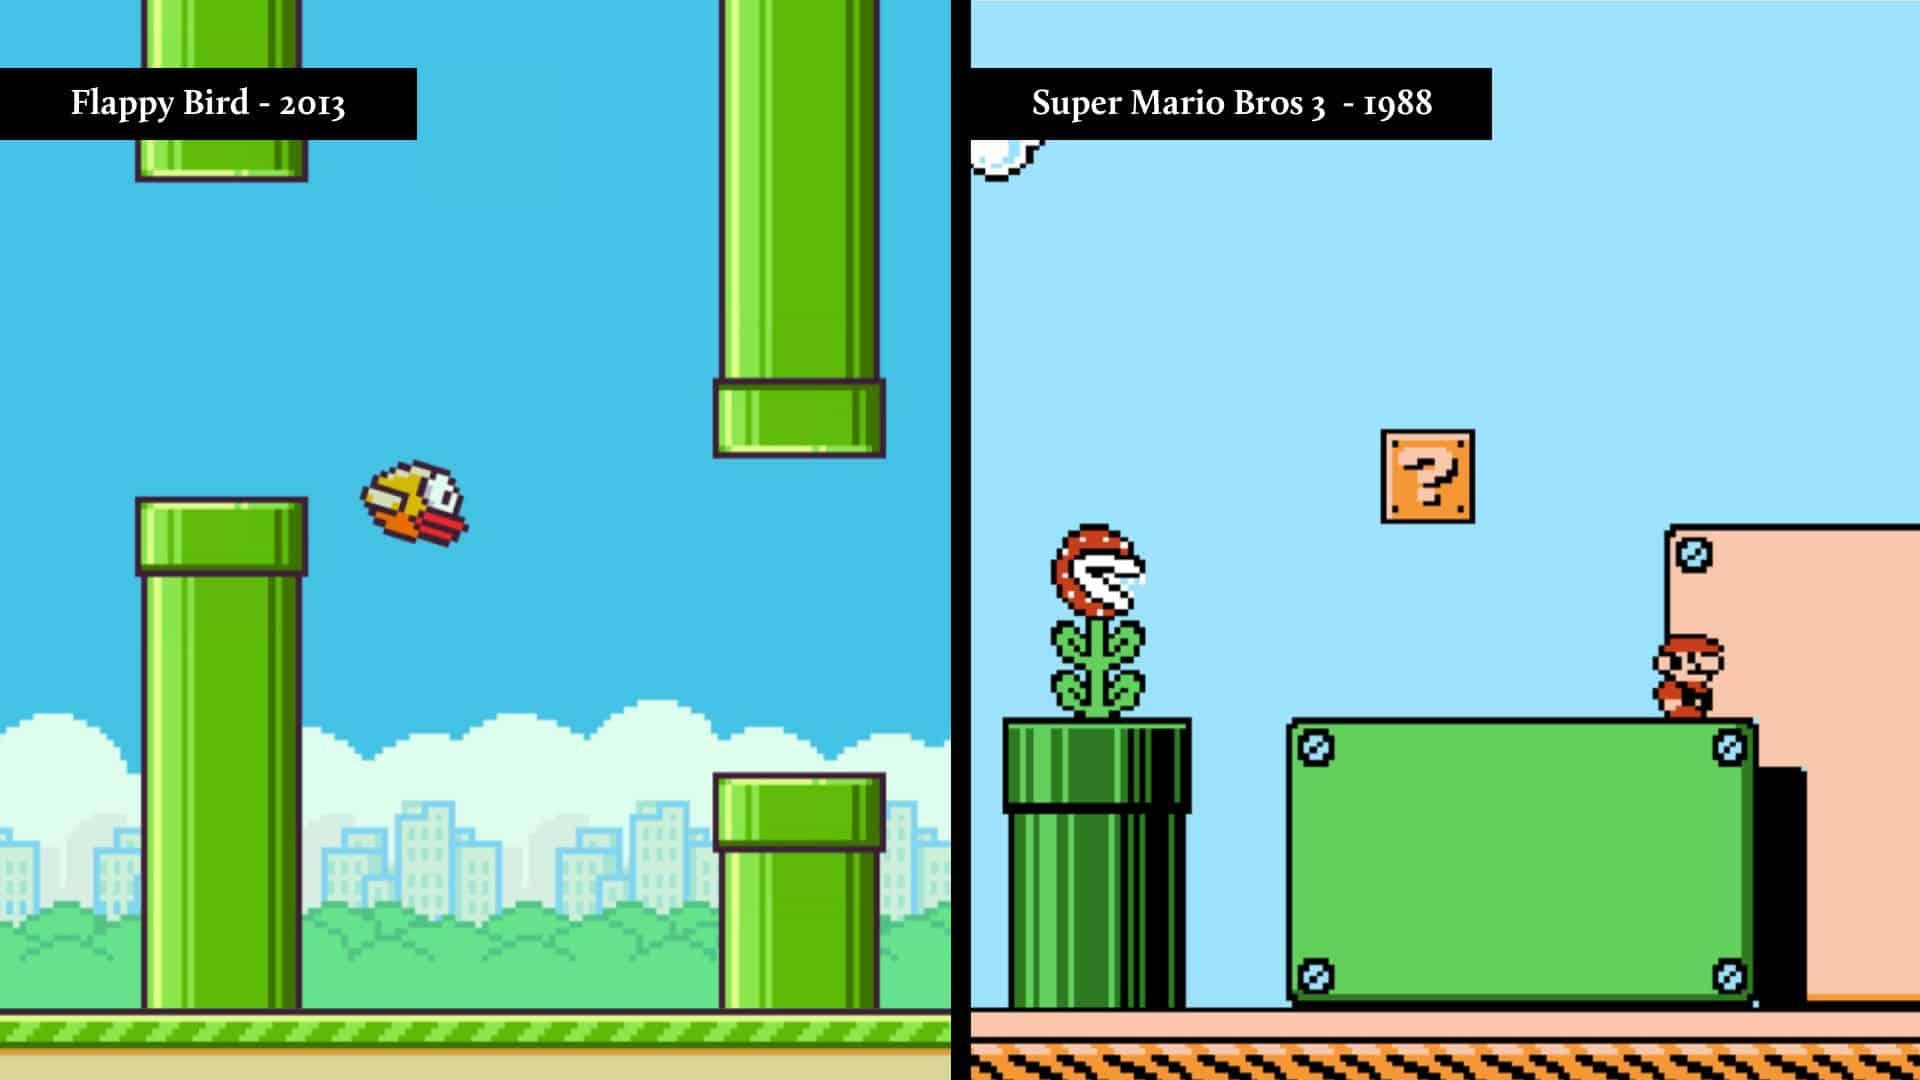 flappy birds vs super mario